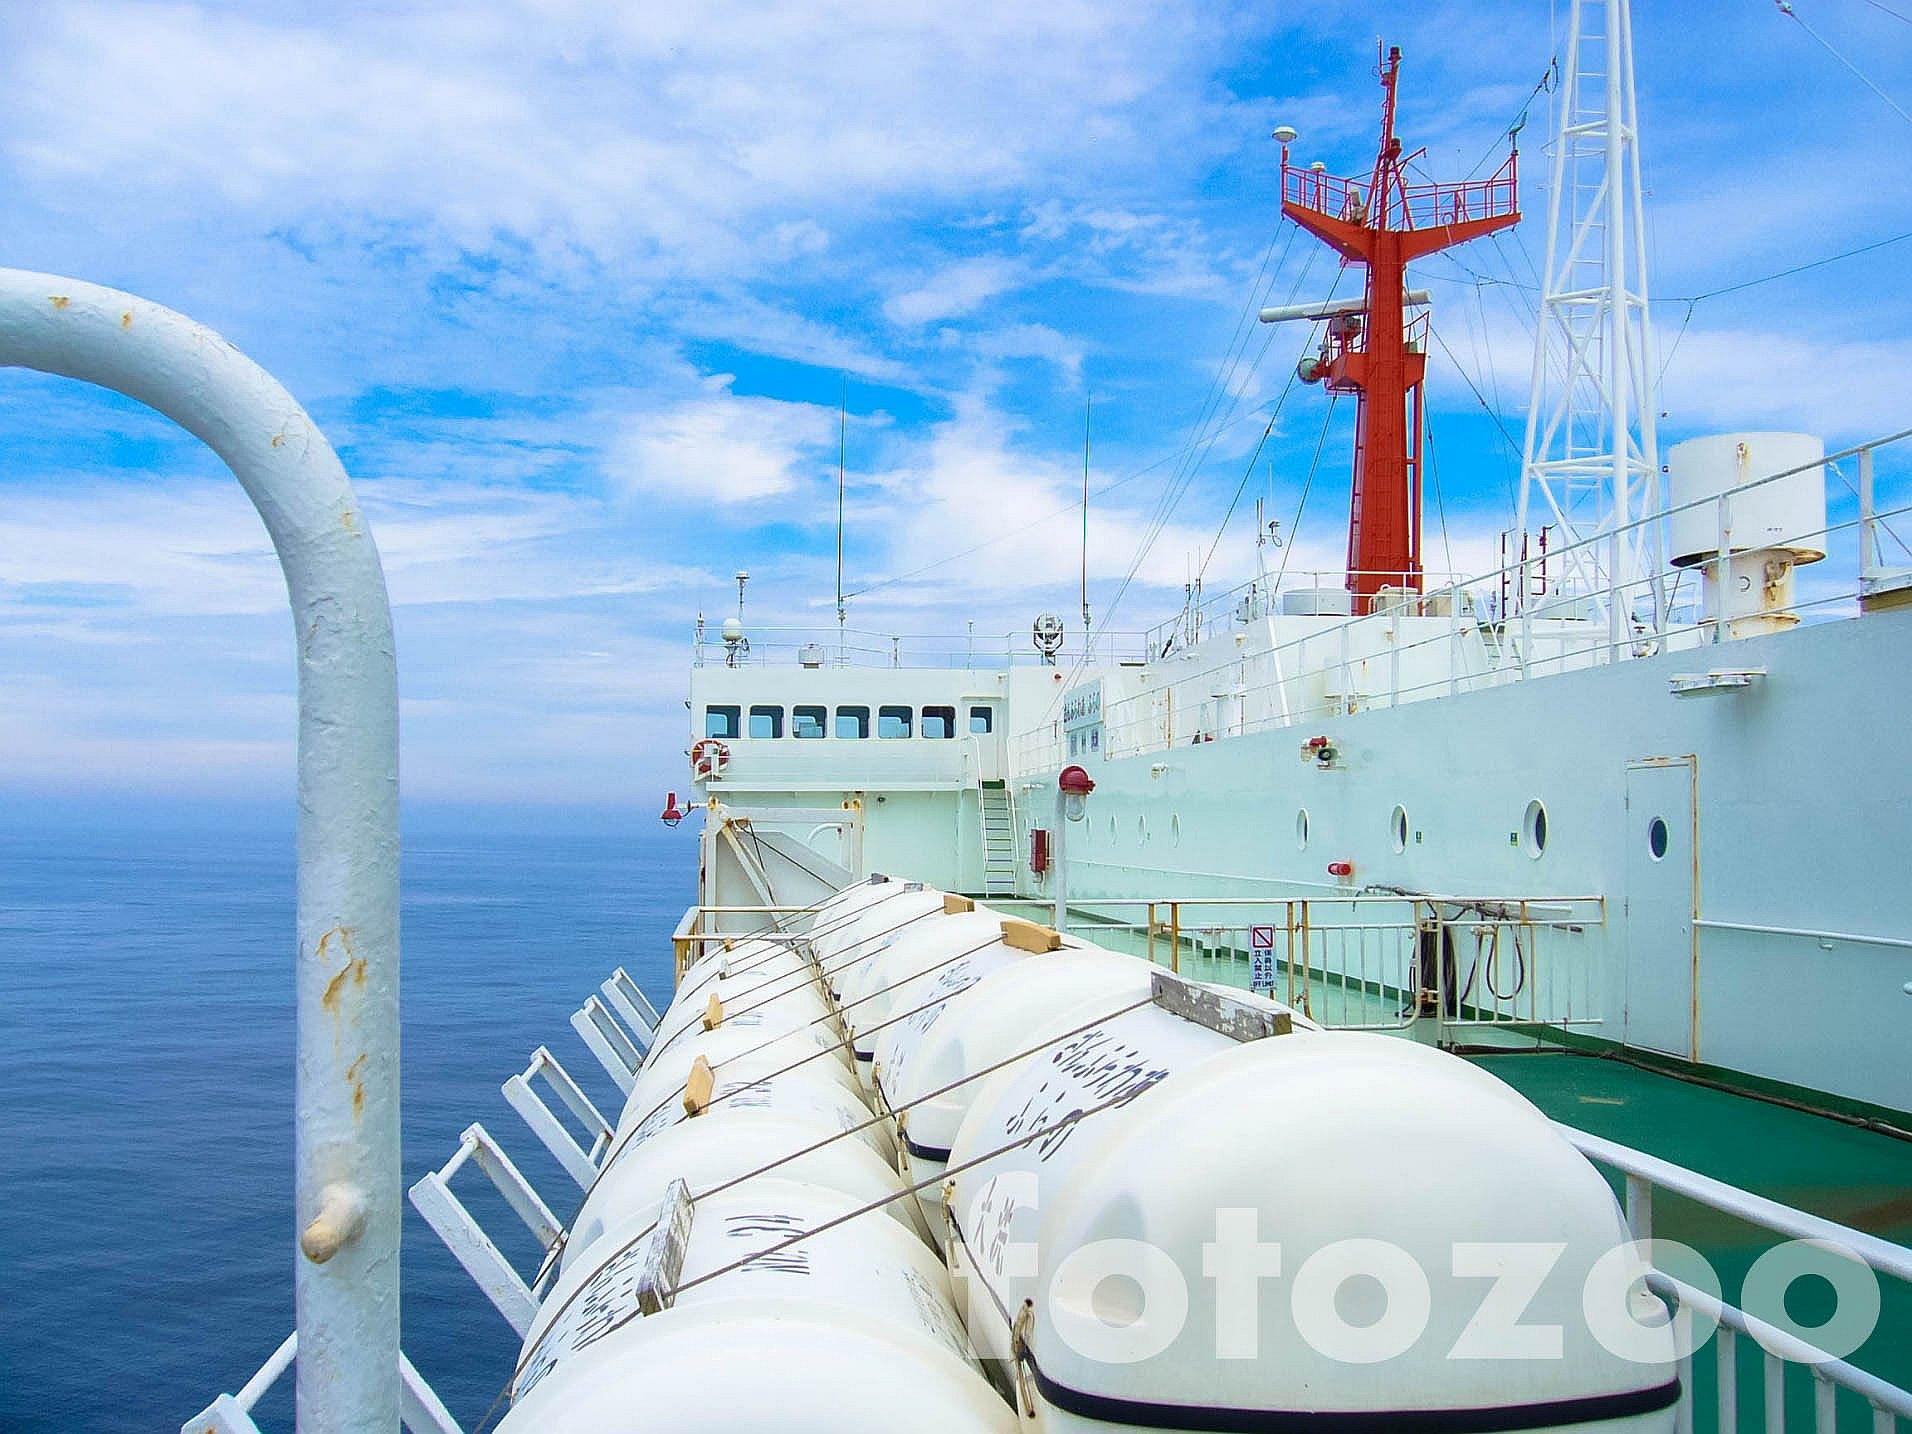 Békésen szeljük a Csendes-óceán habjait, bezzeg aki március 11-én utazott erre…